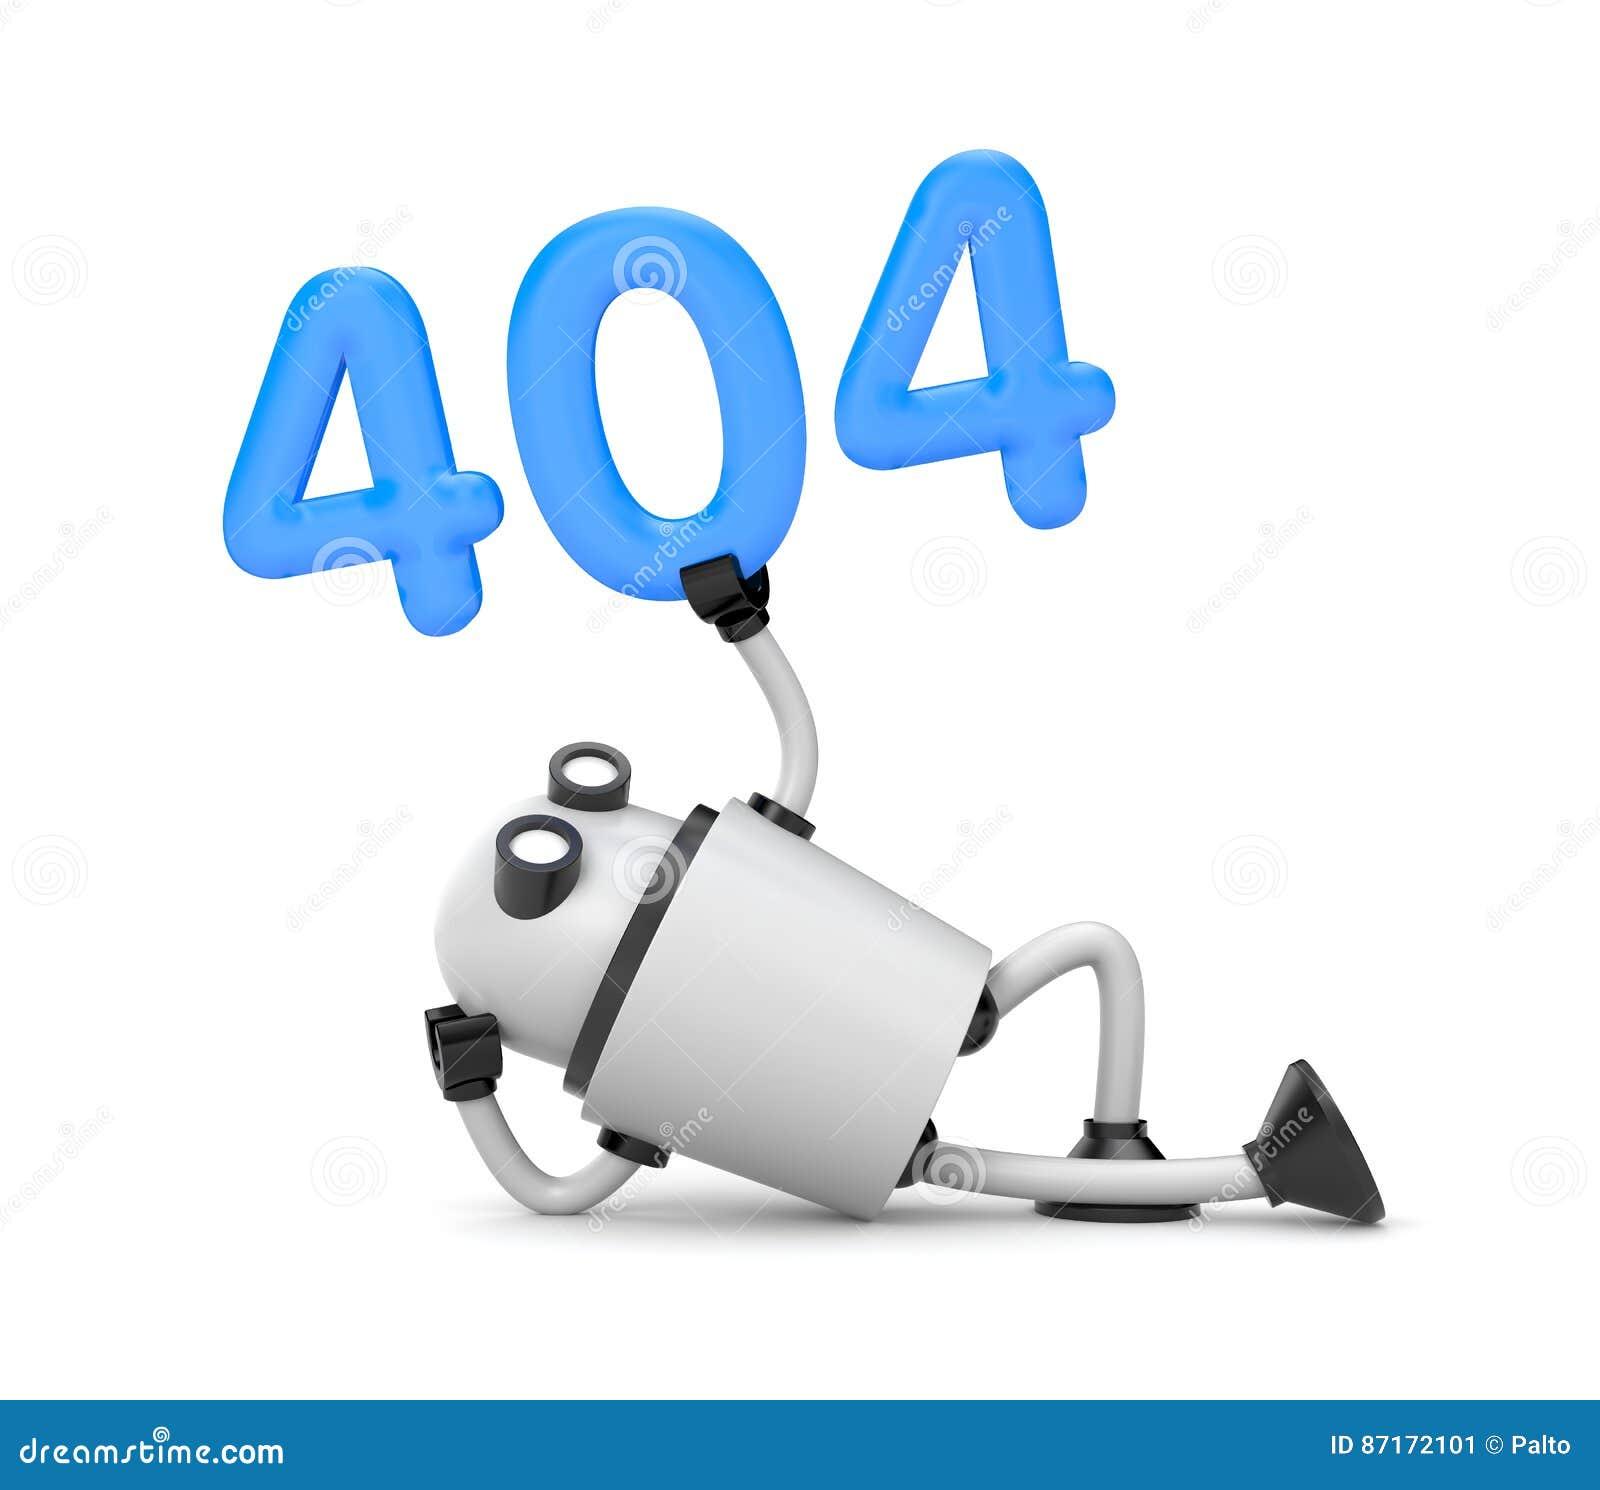 Os restos do robô e guardar os números 404 - erro não encontrado 404 da página